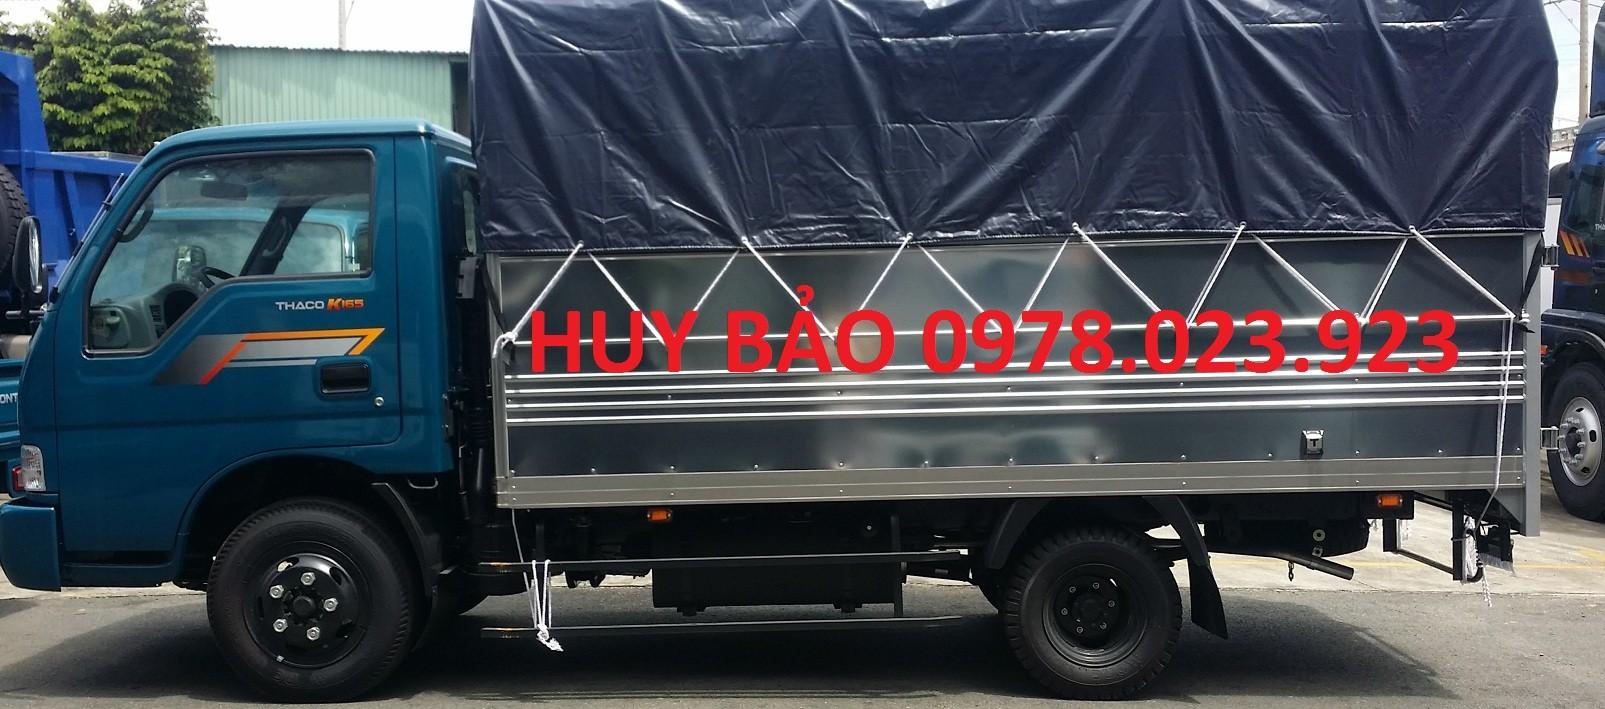 Chuyên bán xe tải kia tải 1 tấn 4, tải 2 tấn 4, xe tải kia đi thành phố k165 hỗ trợ vây cao Ảnh số 41526135